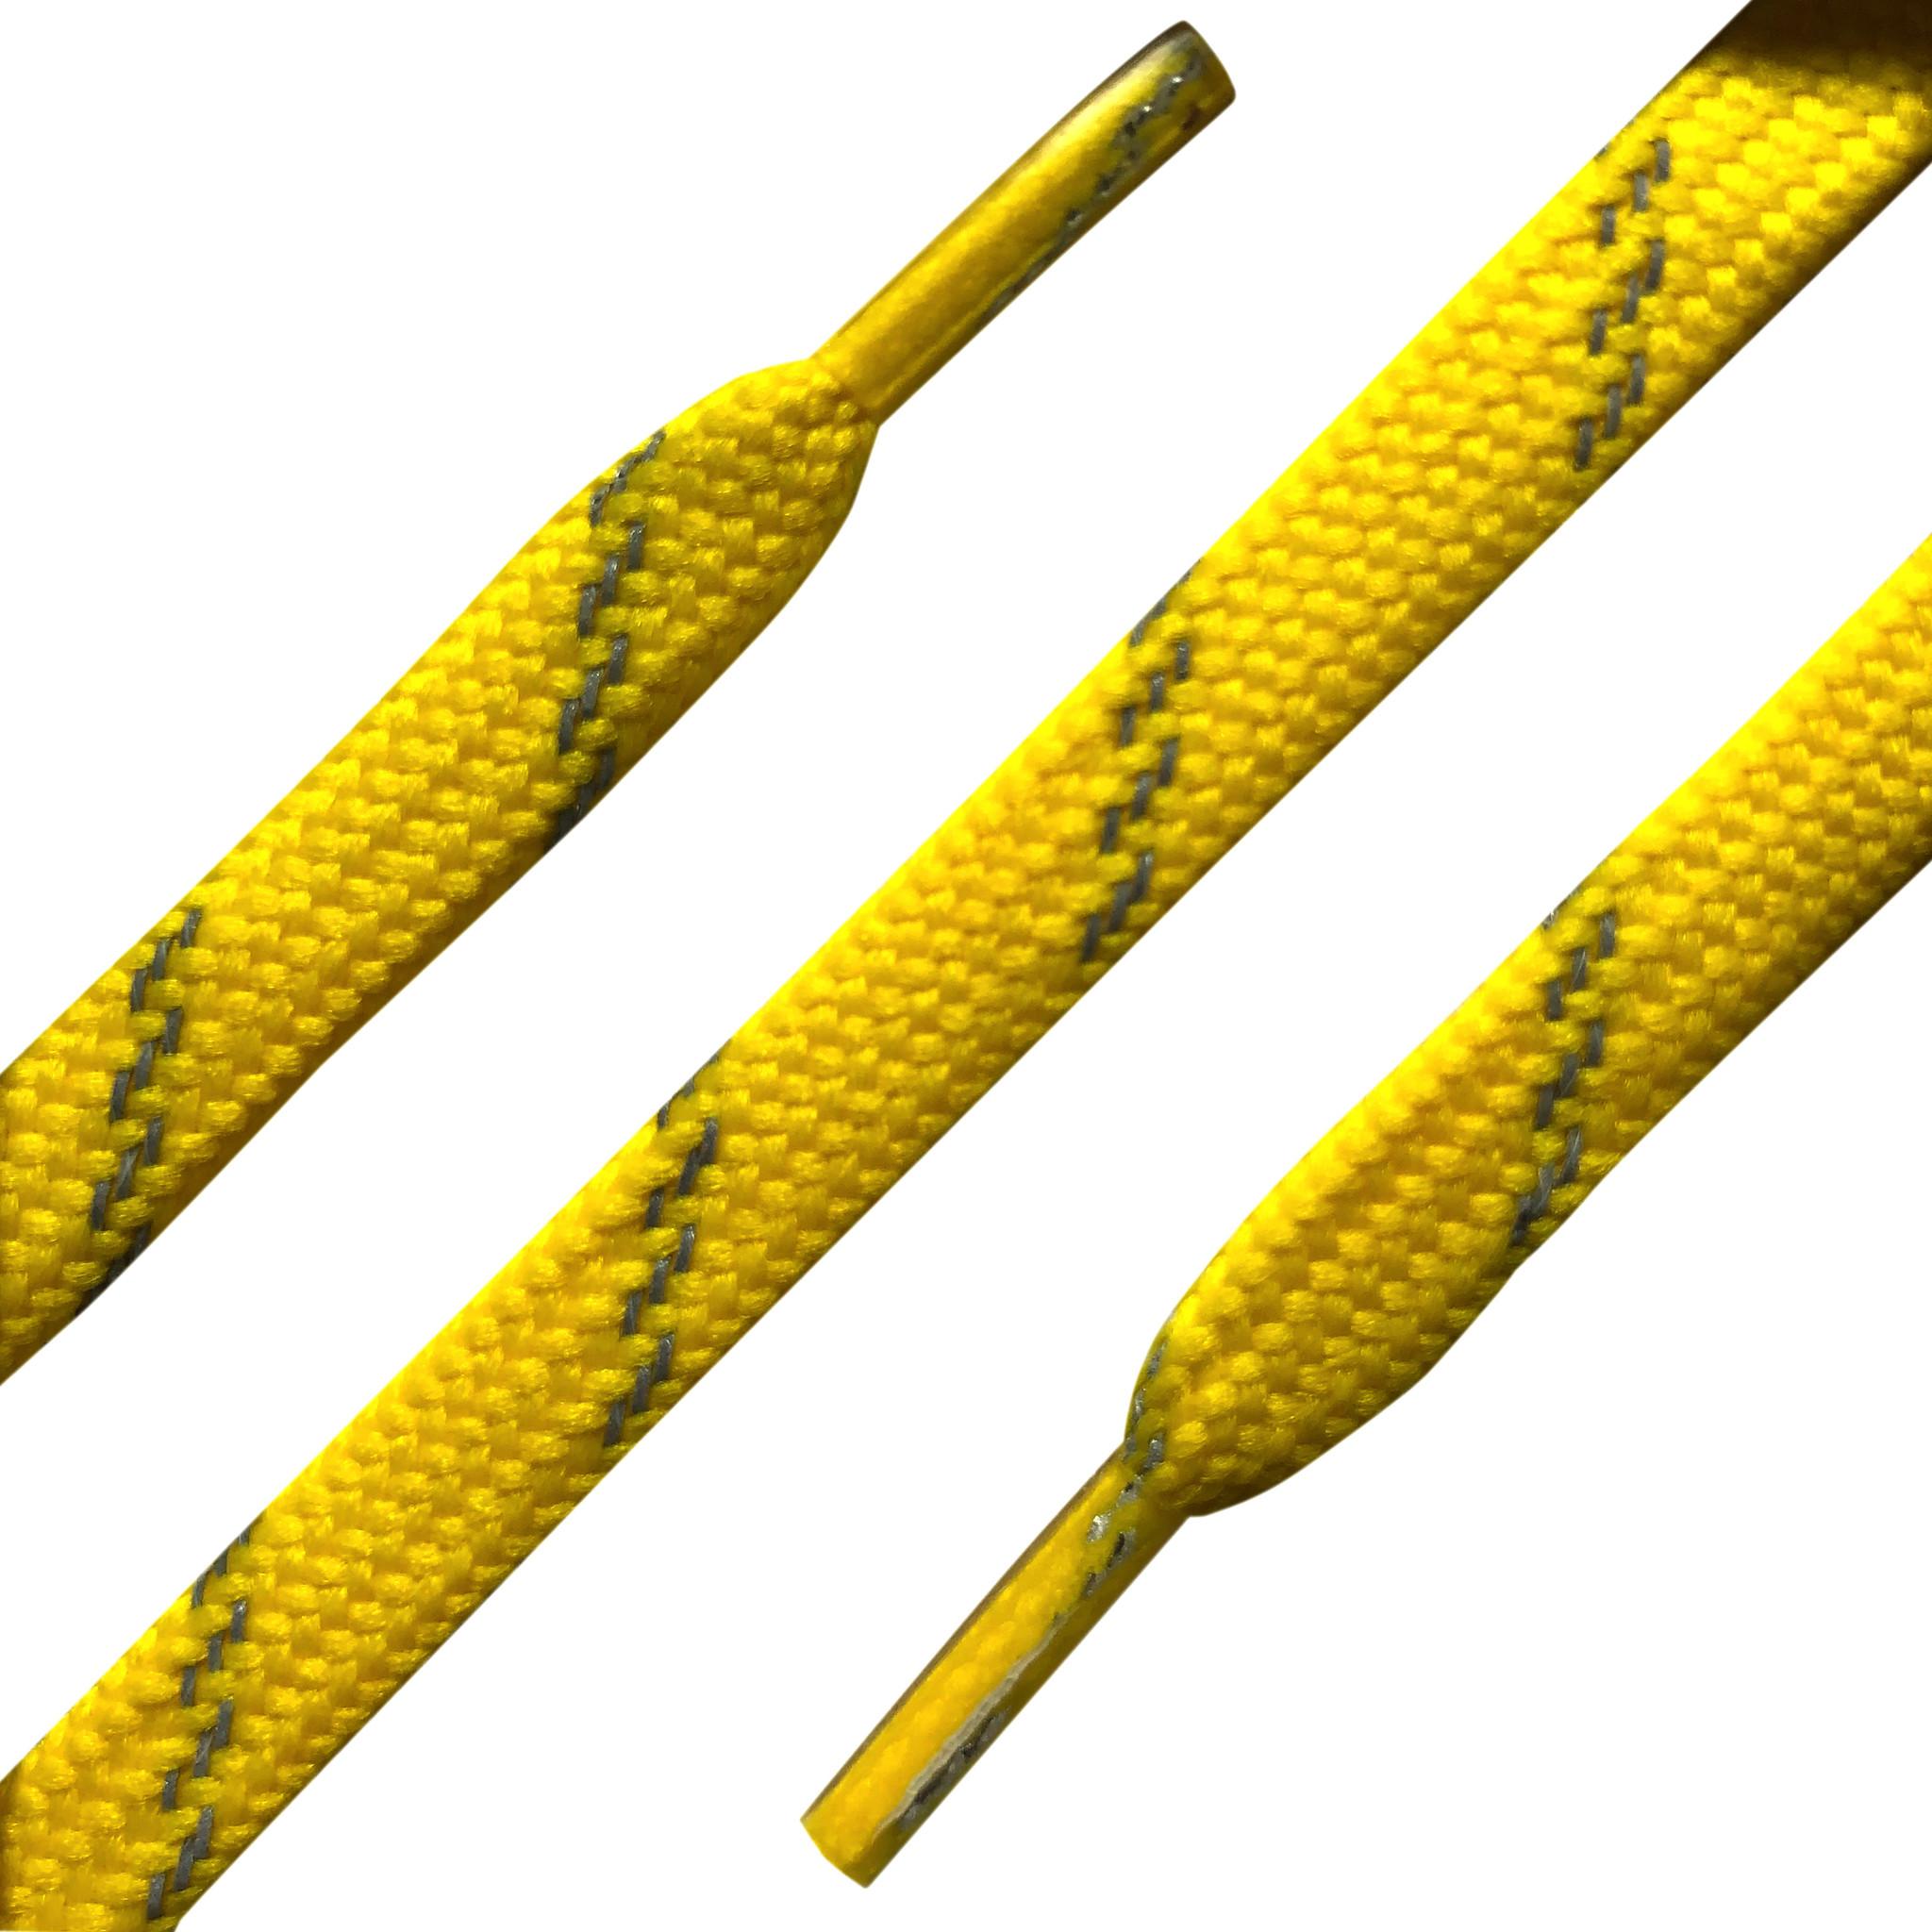 SL Line Reflecterende Veters 120cm geel